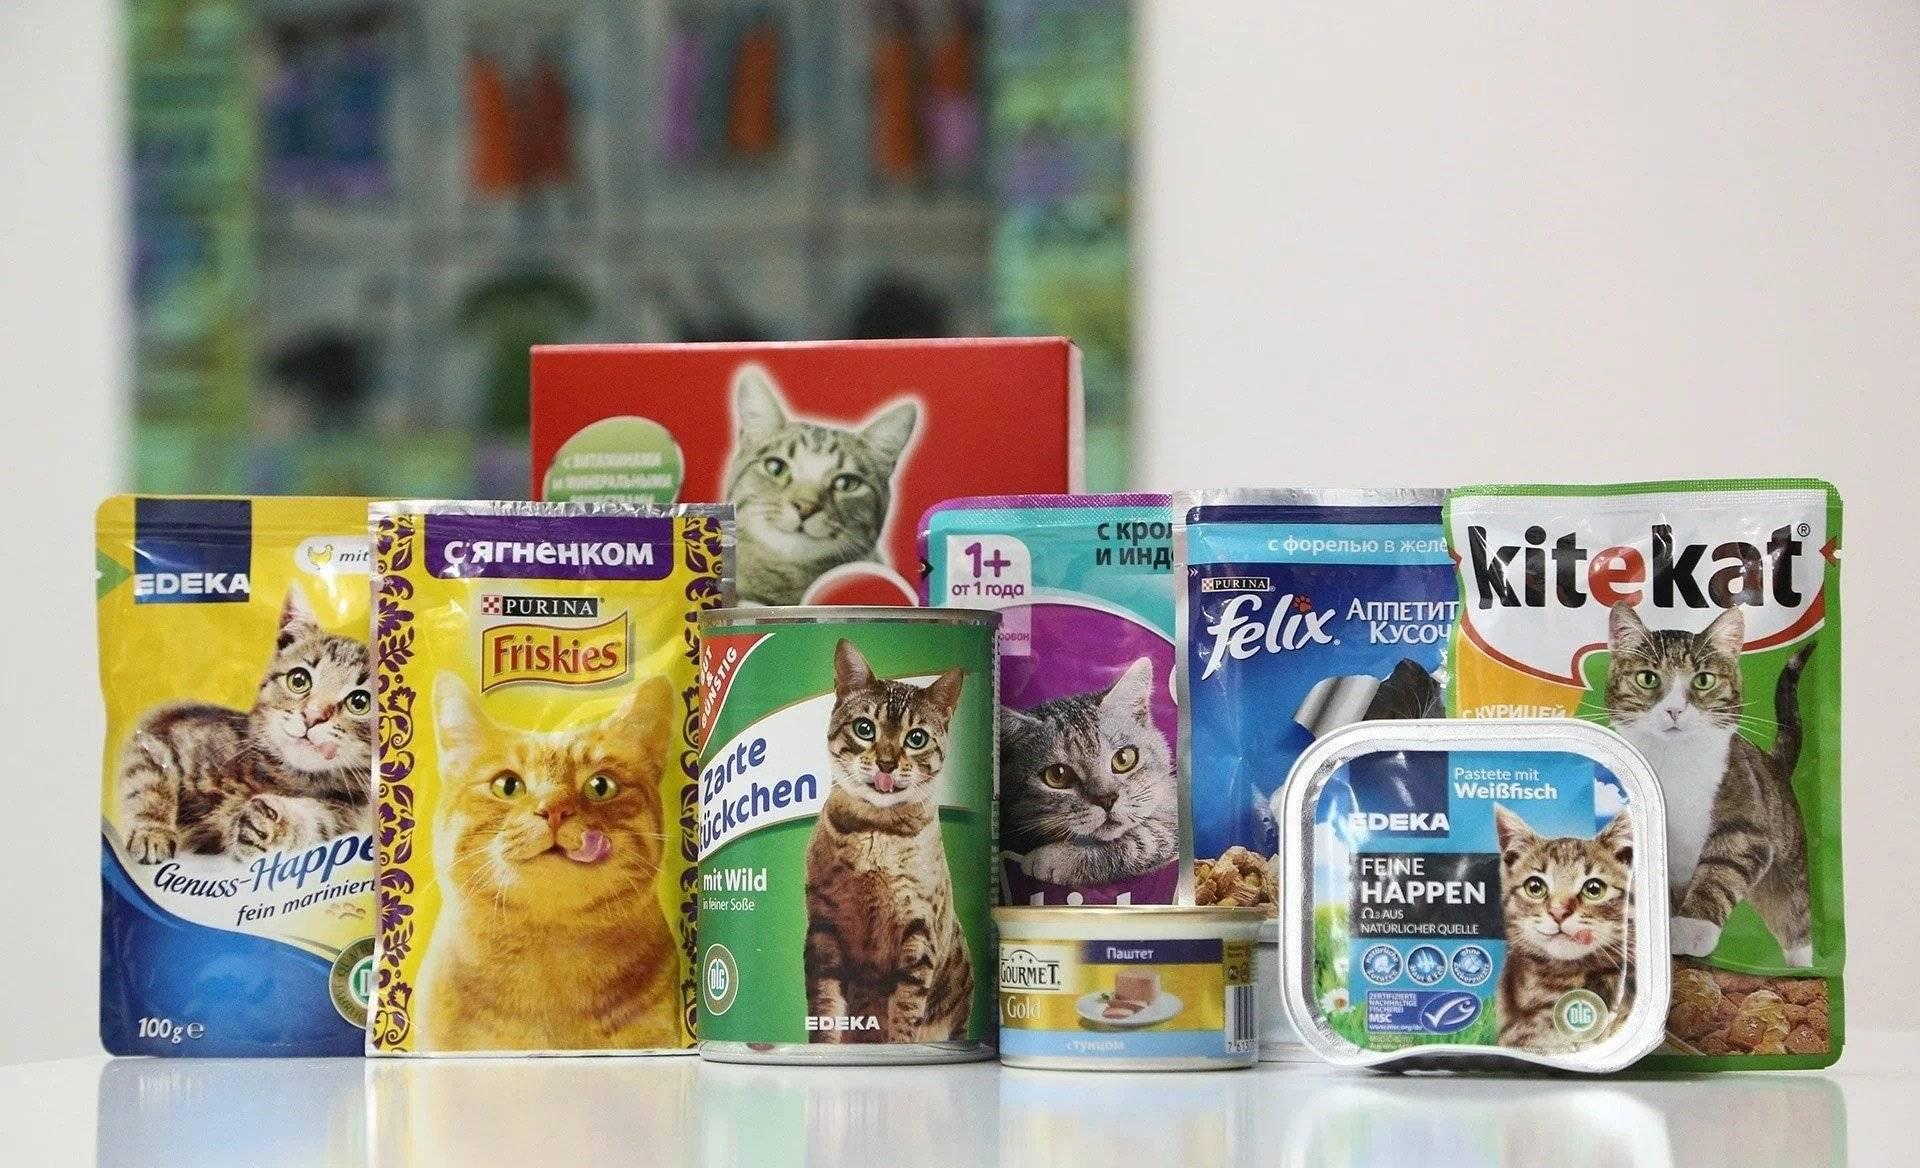 Корма супер-премиум-класса для котят: рейтинг лучших сухих и влажных кормов, отзывы владельцев котят